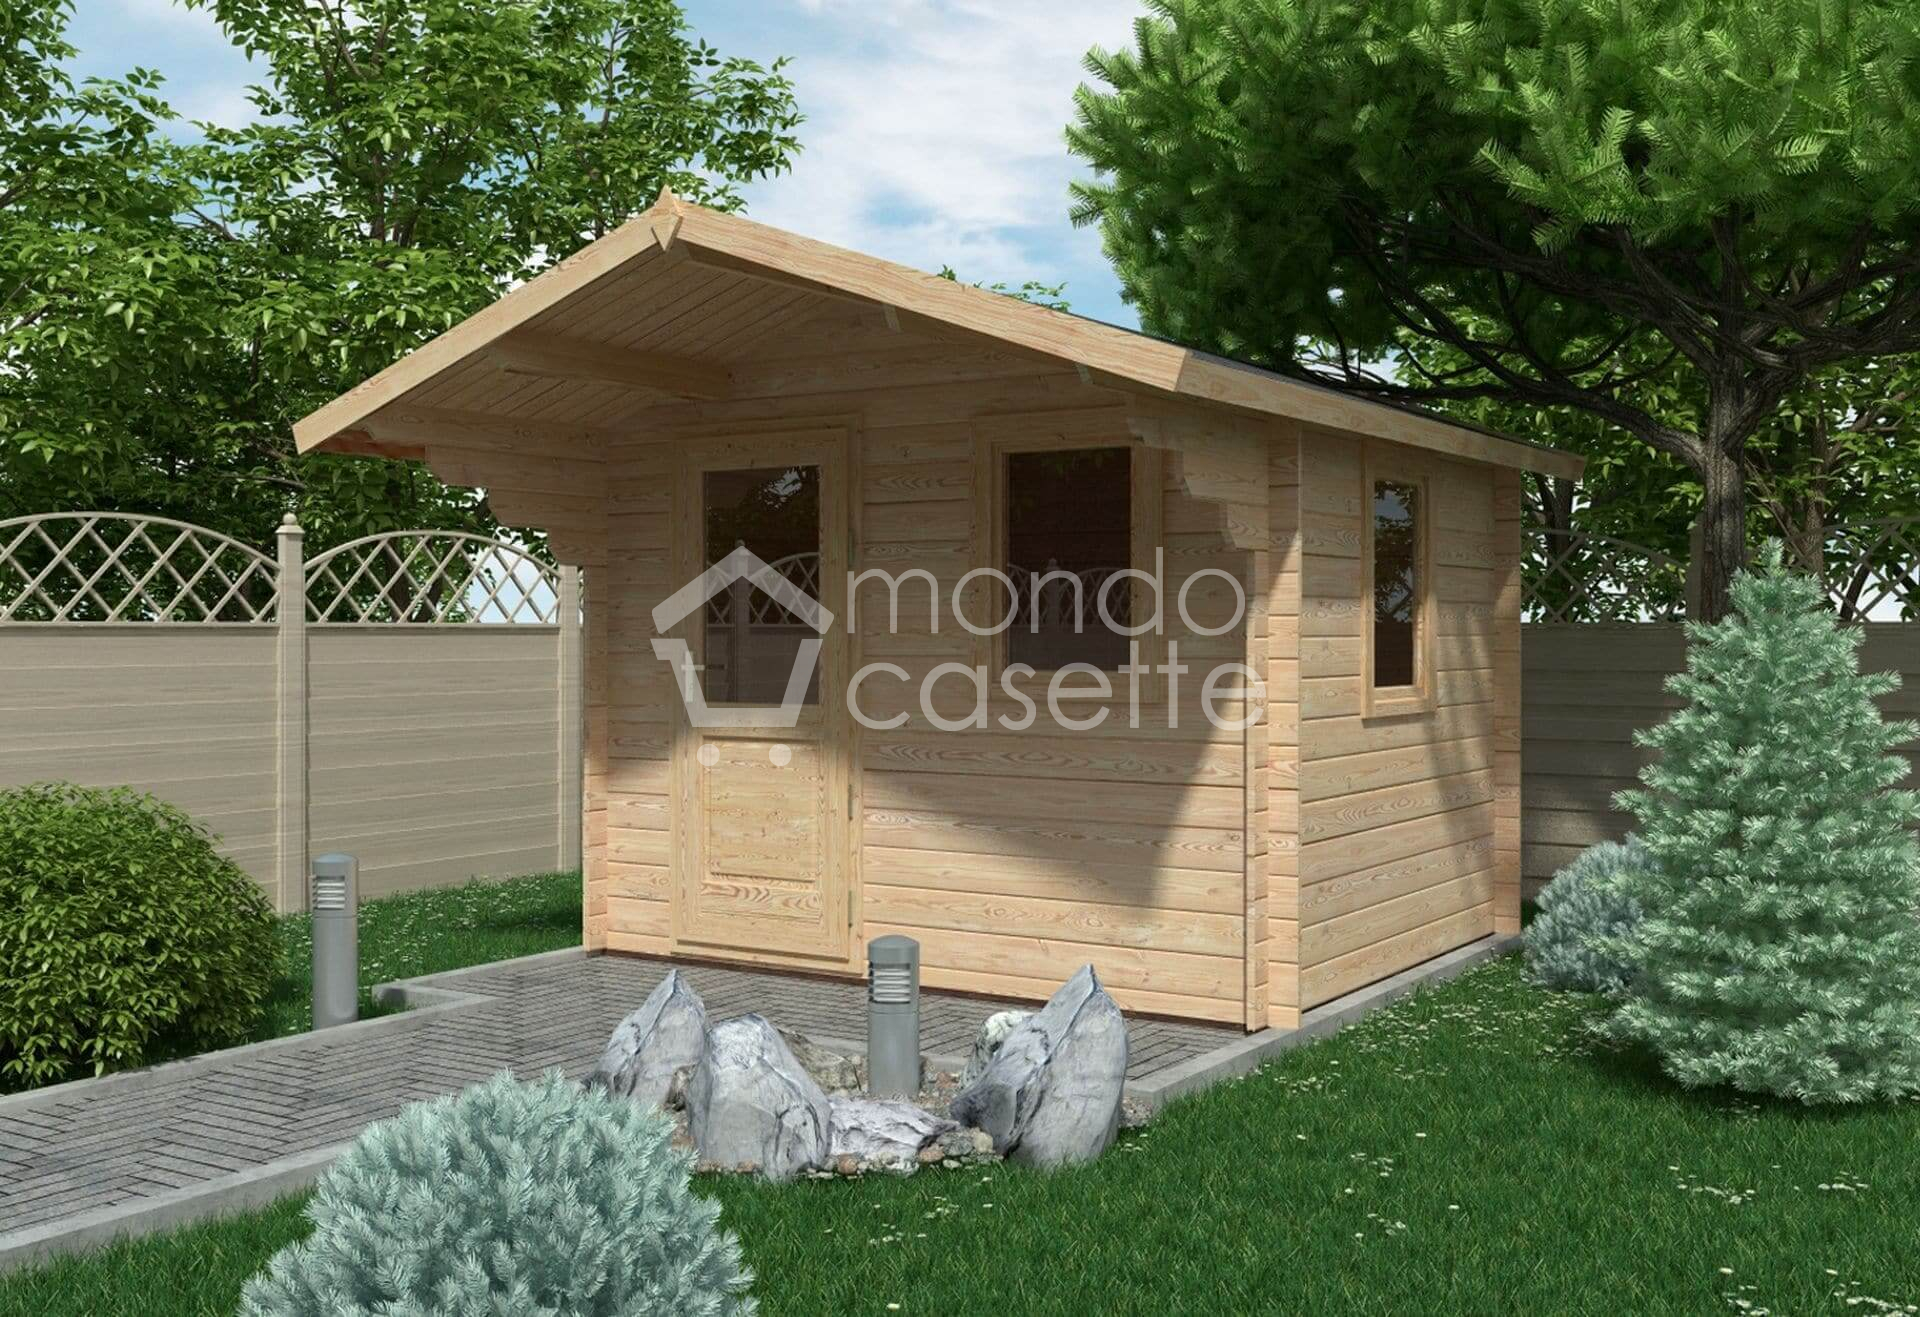 Casetta in legno Modena - 3x2,5 - pareti da 28 mm